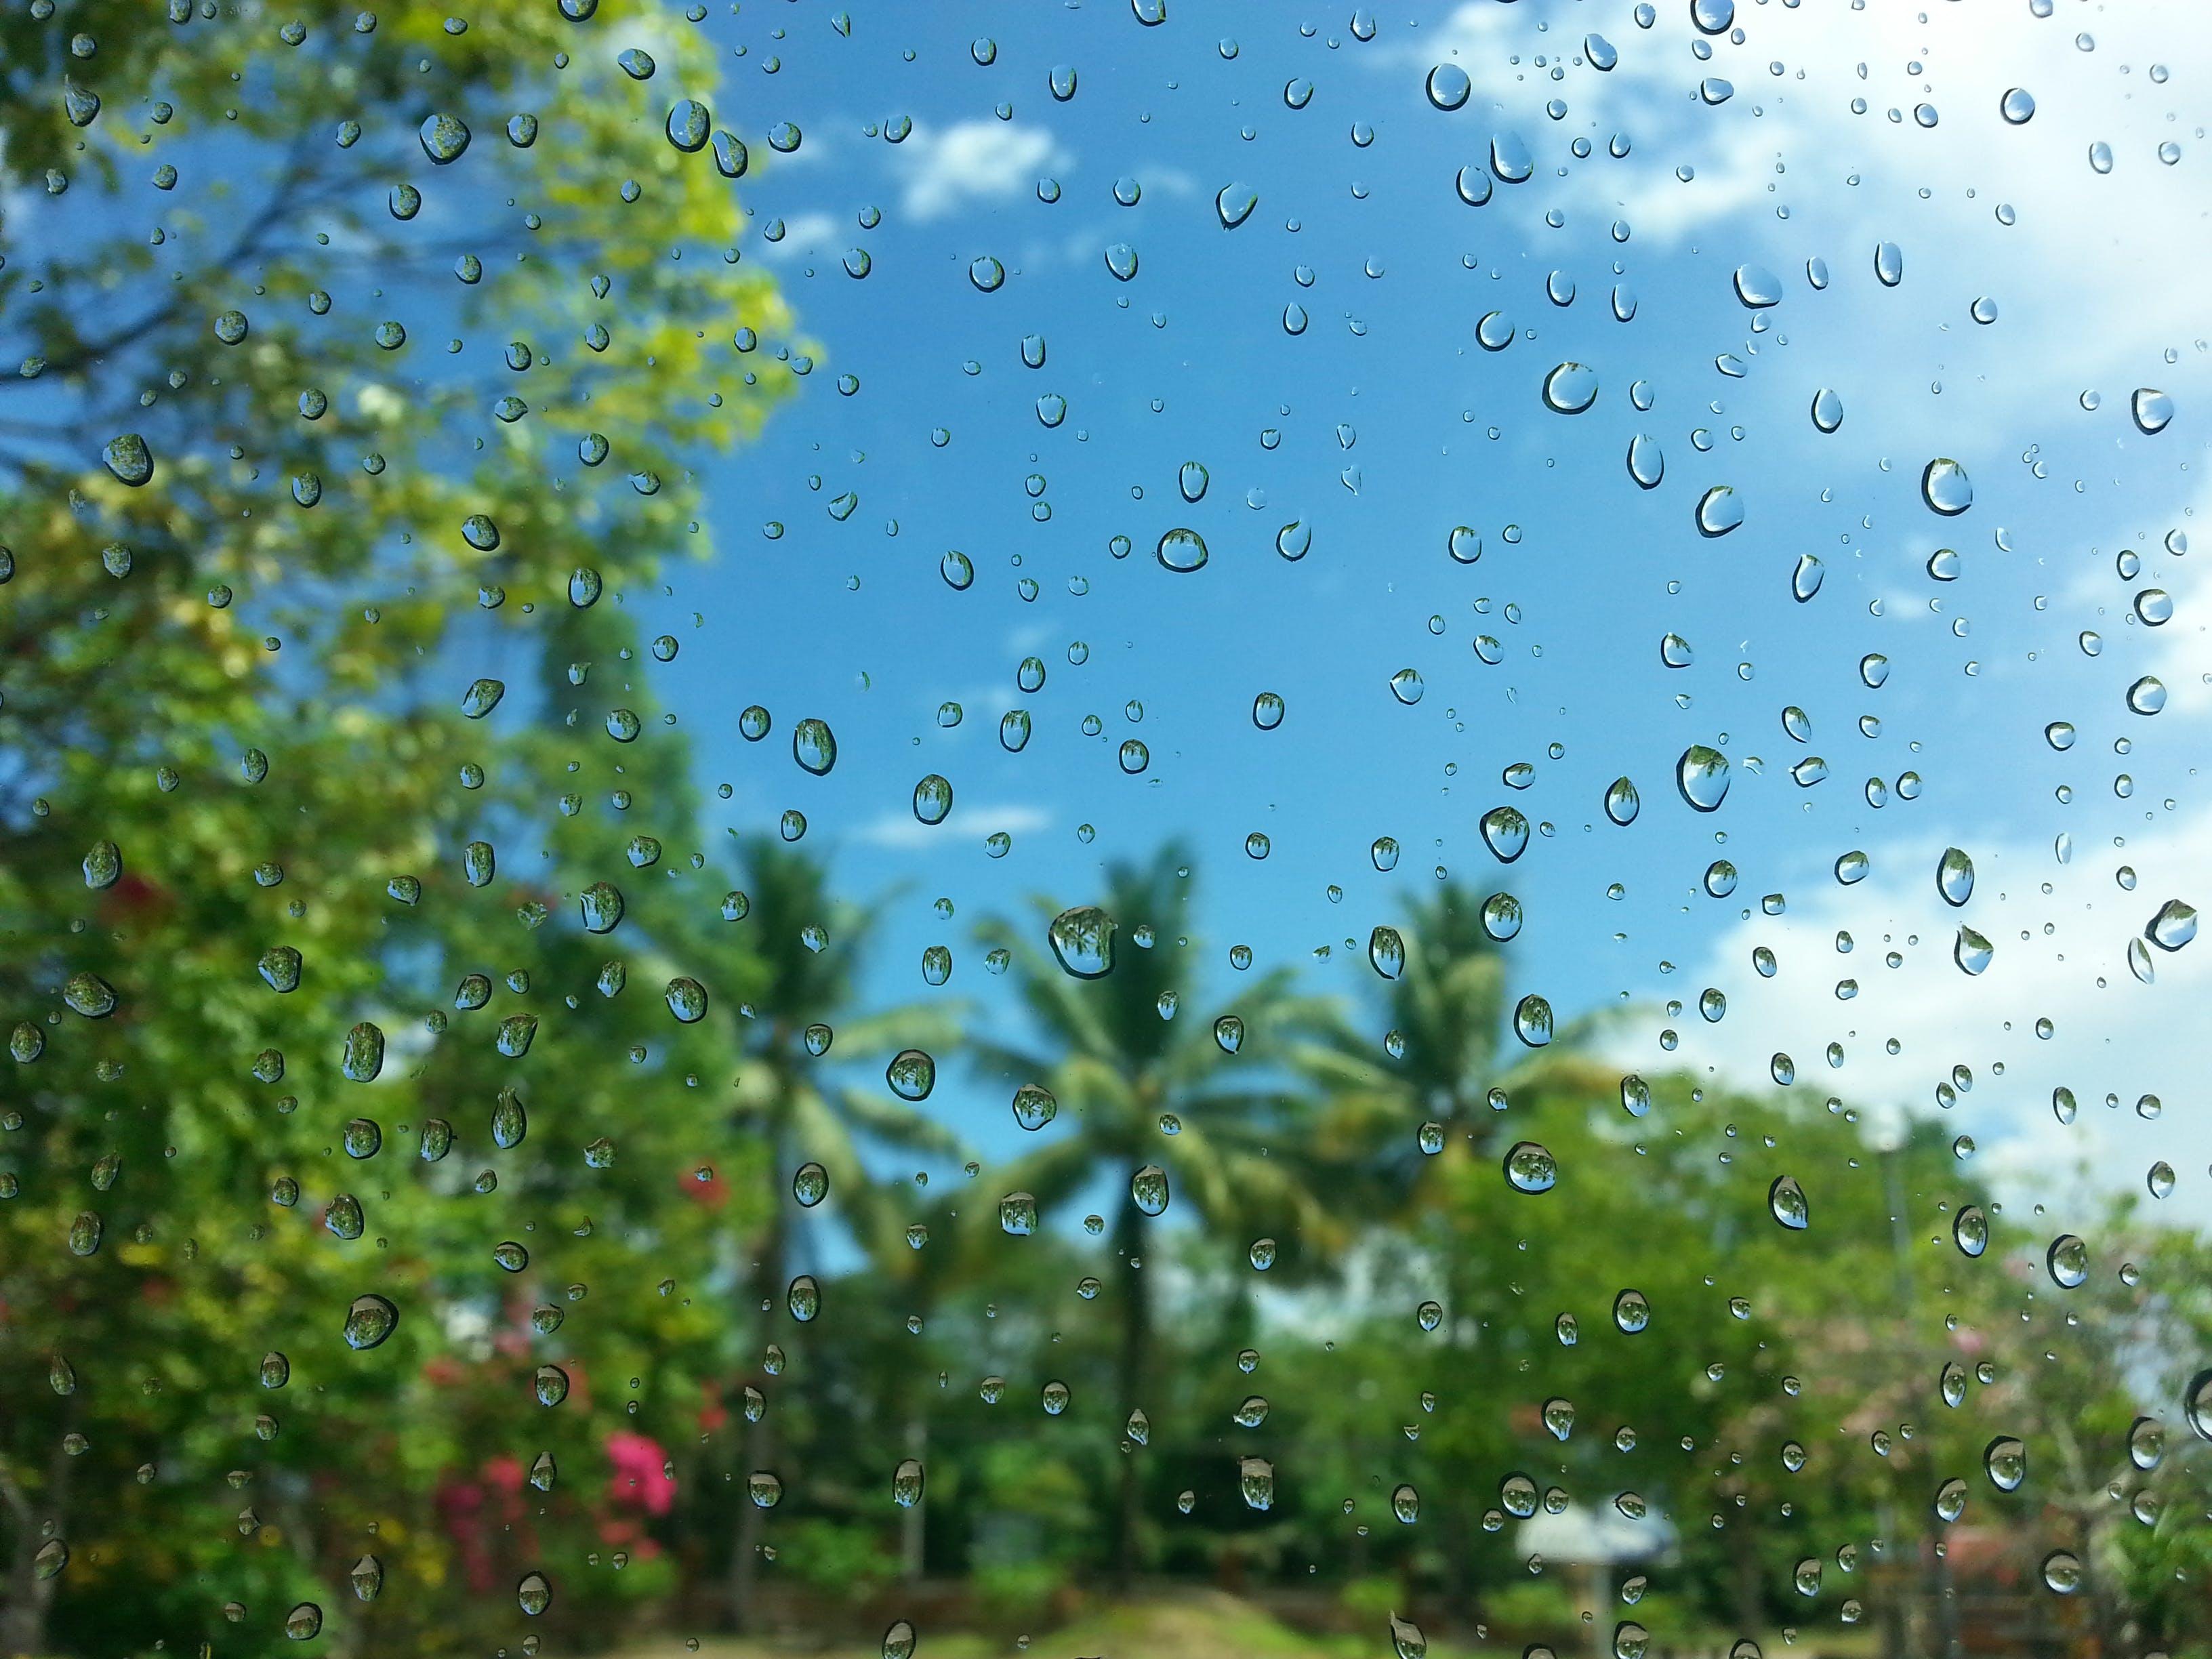 Immagine gratuita di alberi, bagnato, bicchiere, bolla